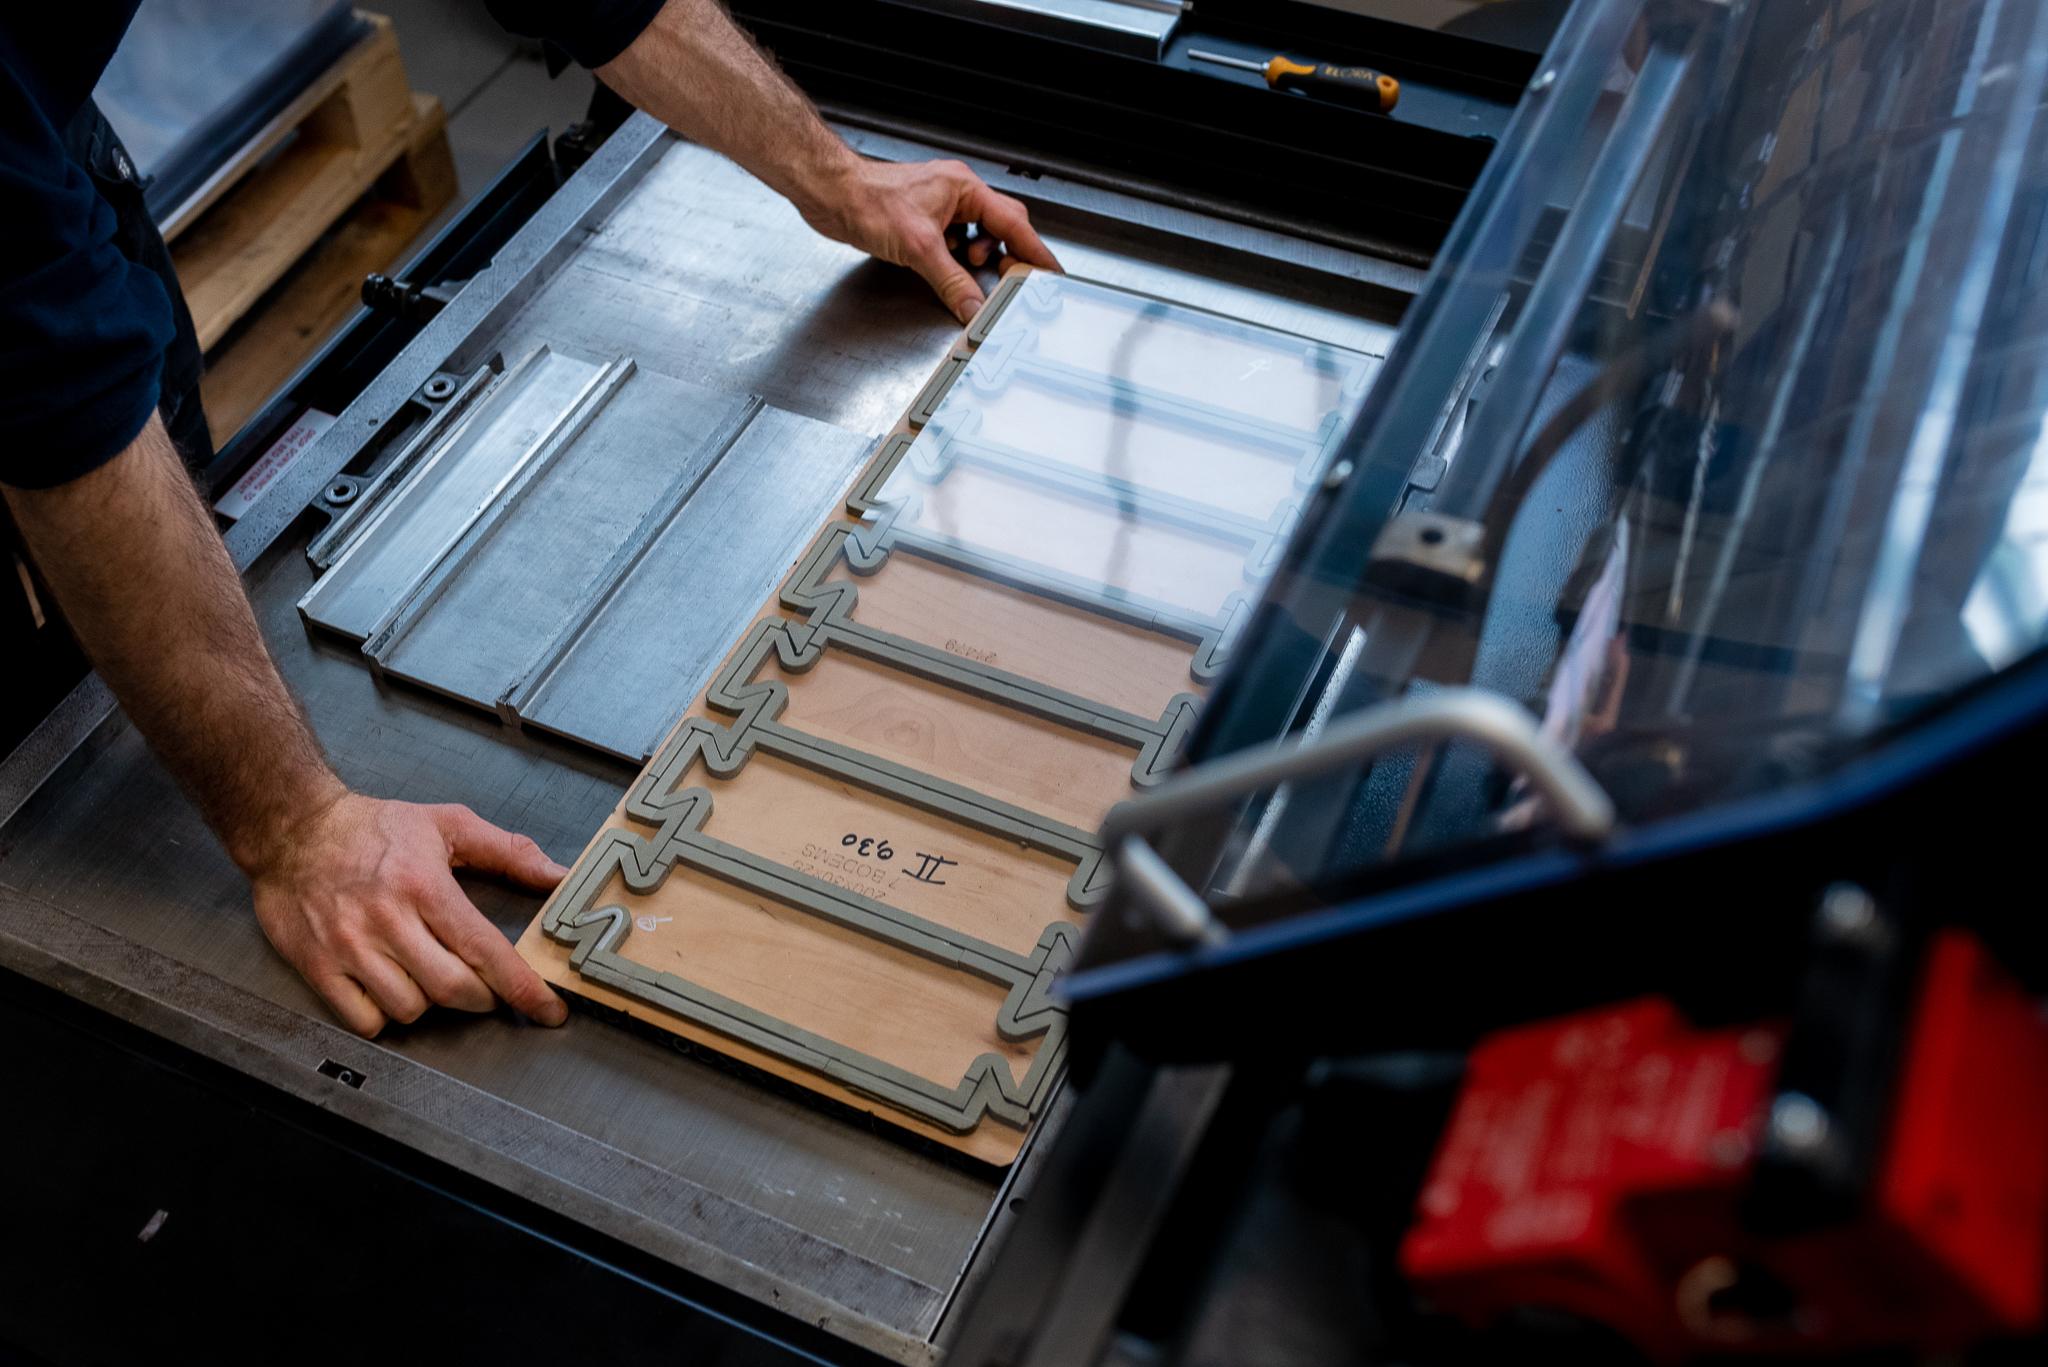 Ecologische verpakkingen | Duurzame verpakkingen